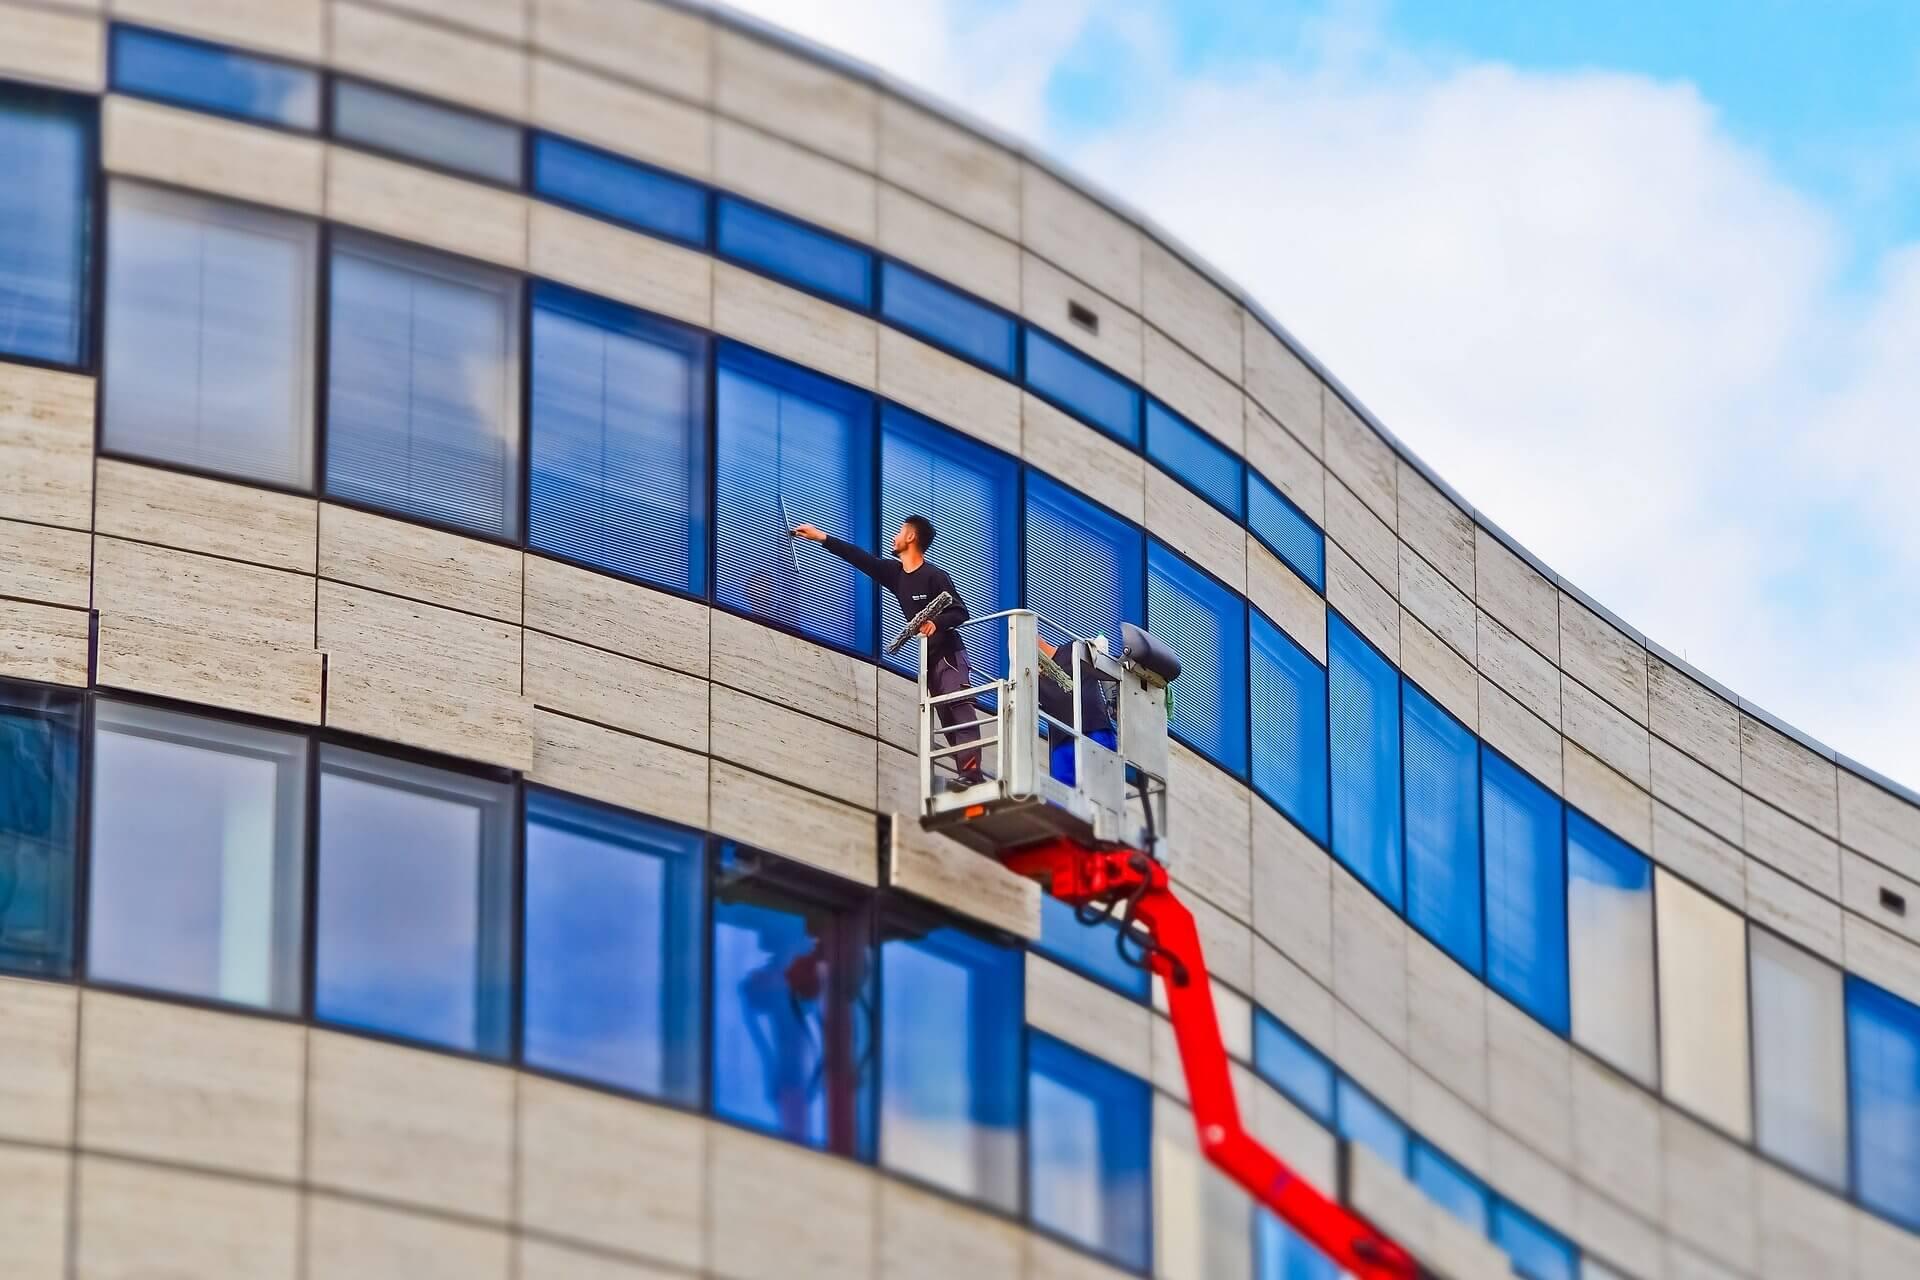 Fensterreinigung Gebäudereinigung Berlin Potsdam | GSD Dienstleistung